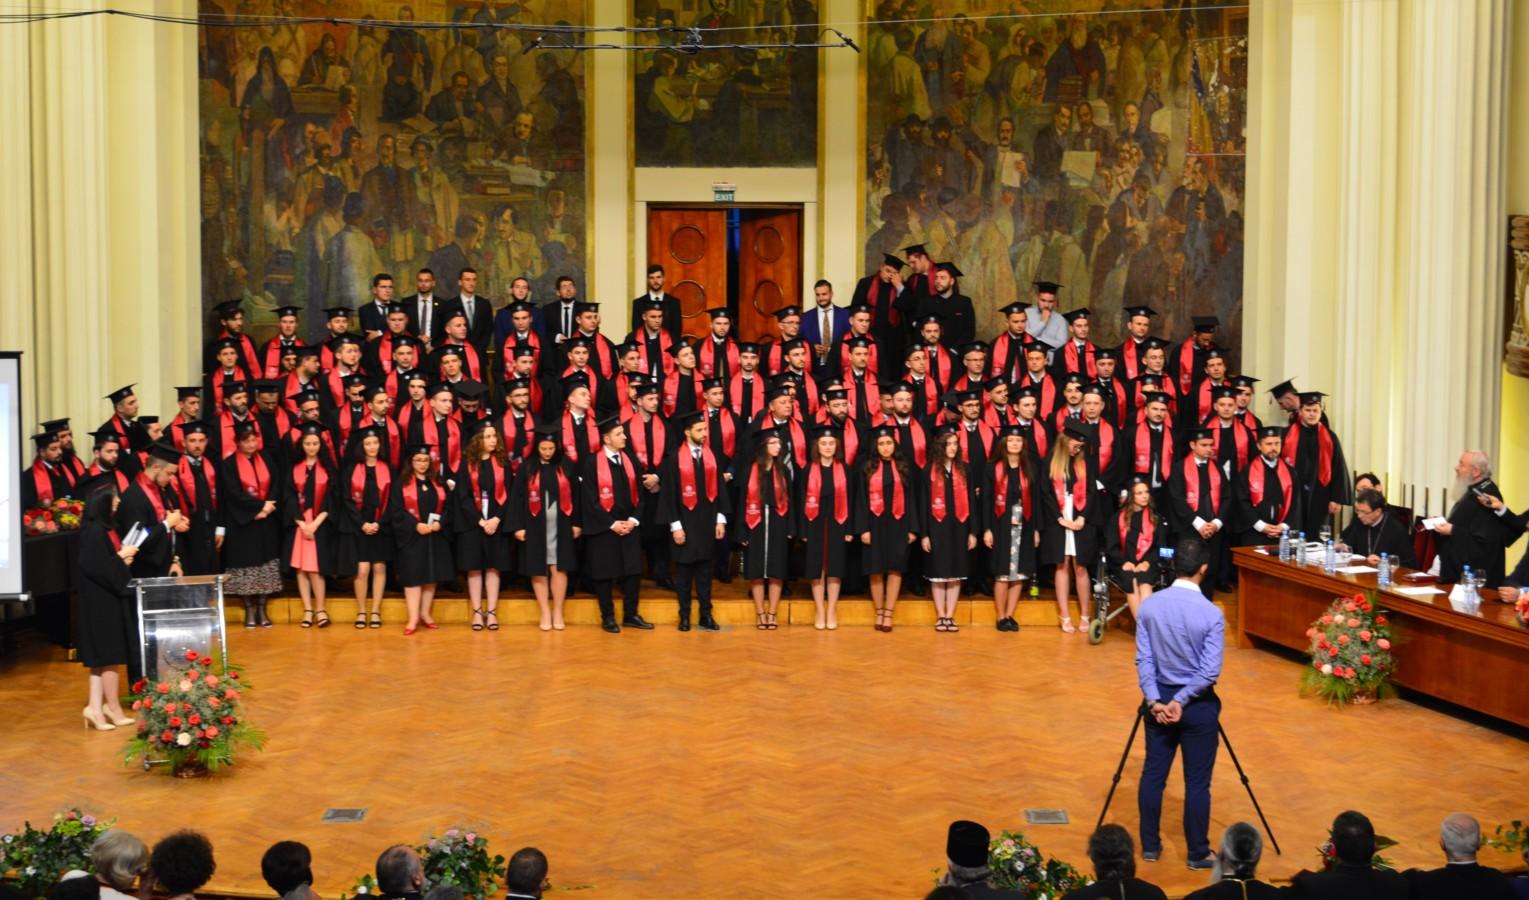 Festivitate de absolvire la Facultatea de Teologie clujeană